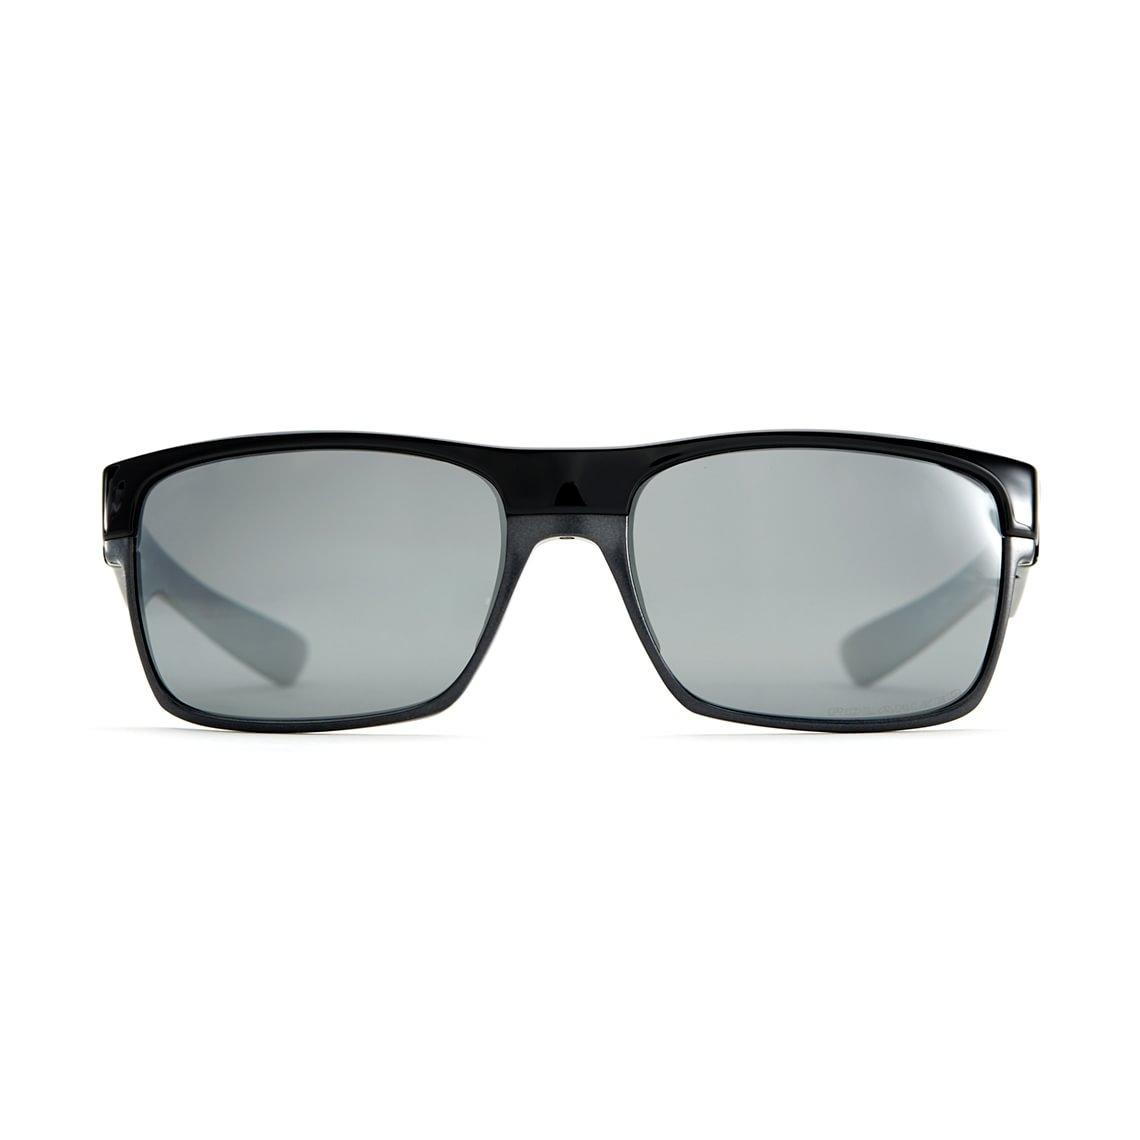 Oakley Twoface OO9189 01